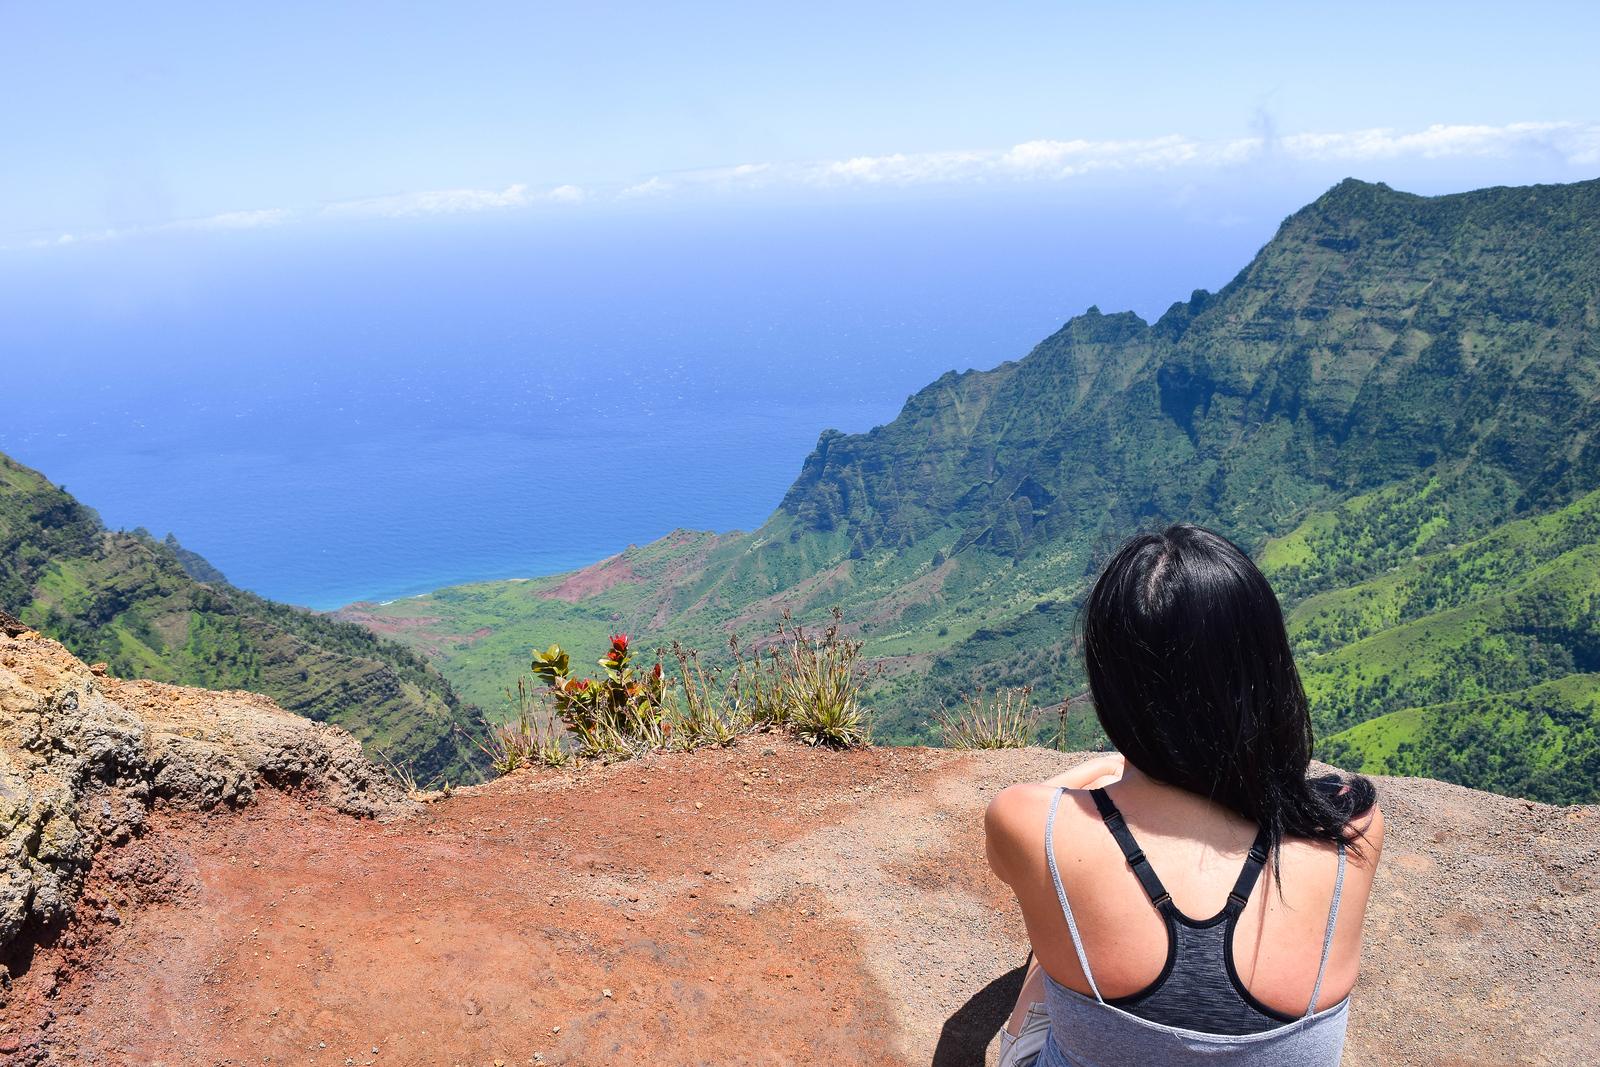 Kalalau Valley from the Pu'u o Kila lookout in Kauai, Hawaii